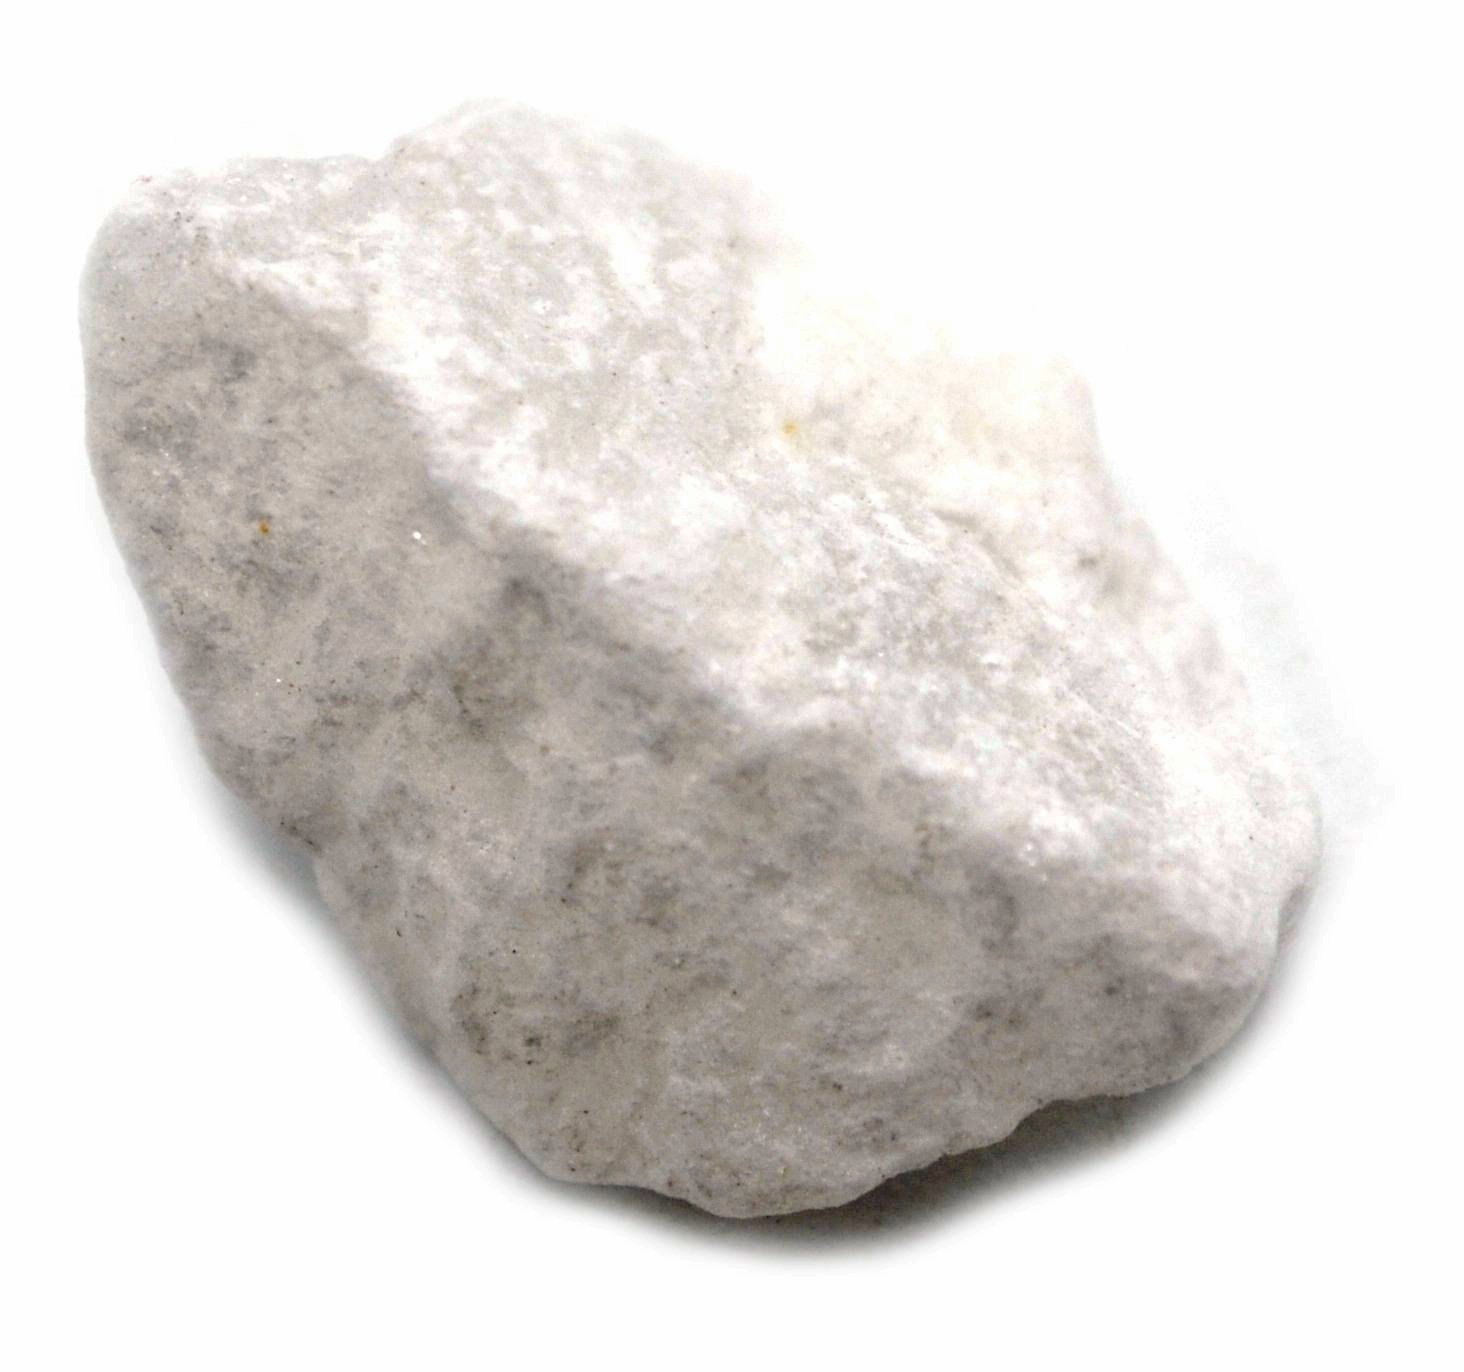 Gypsum Rock